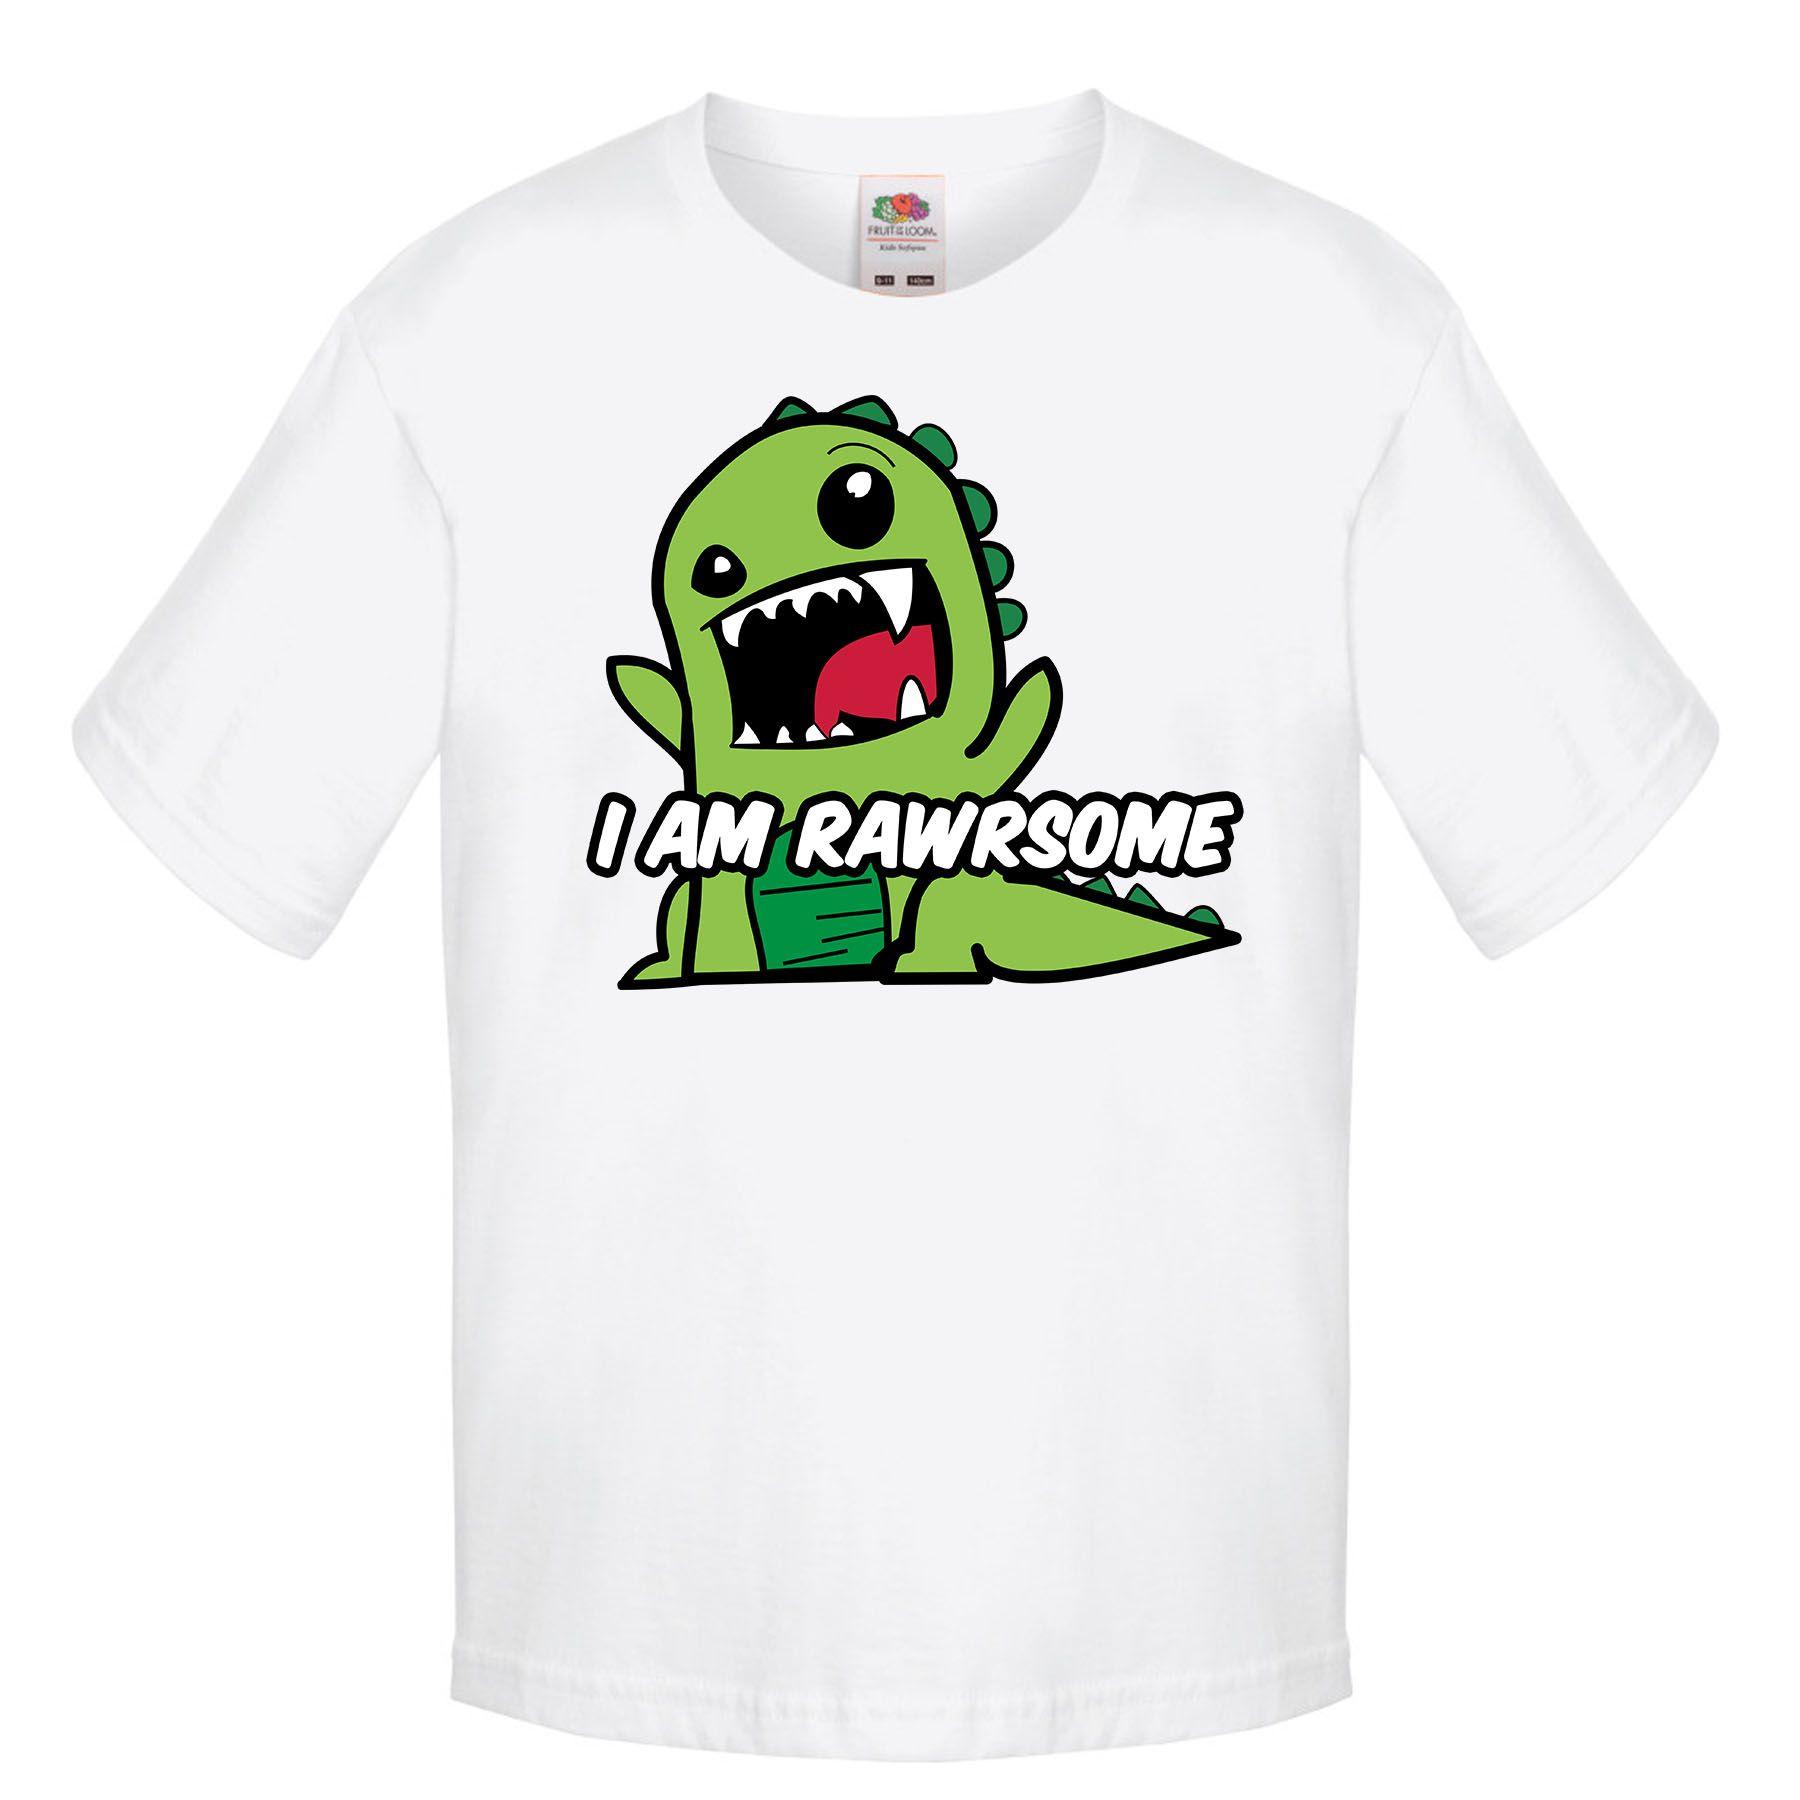 67ae8bd58 I Am Rawrsome Dinosaur T Shirt Funny Boys T Rex Dinosaur Tee Shirt Clothing  L81 Tea Shirts Fun Tshirts From Cozyroam, $24.2| DHgate.Com